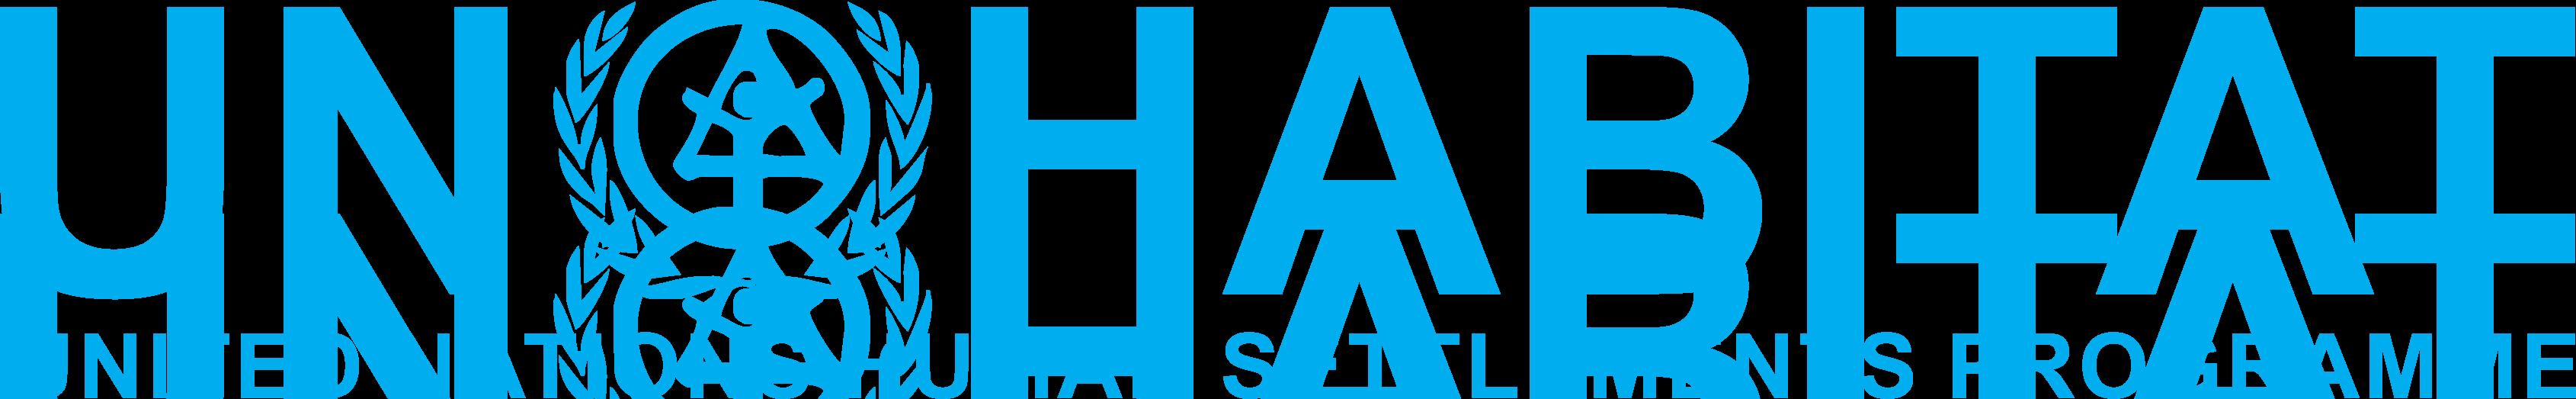 BM-Habitat Scroll of Honor Ödülü Adaylık Süreci Başladı